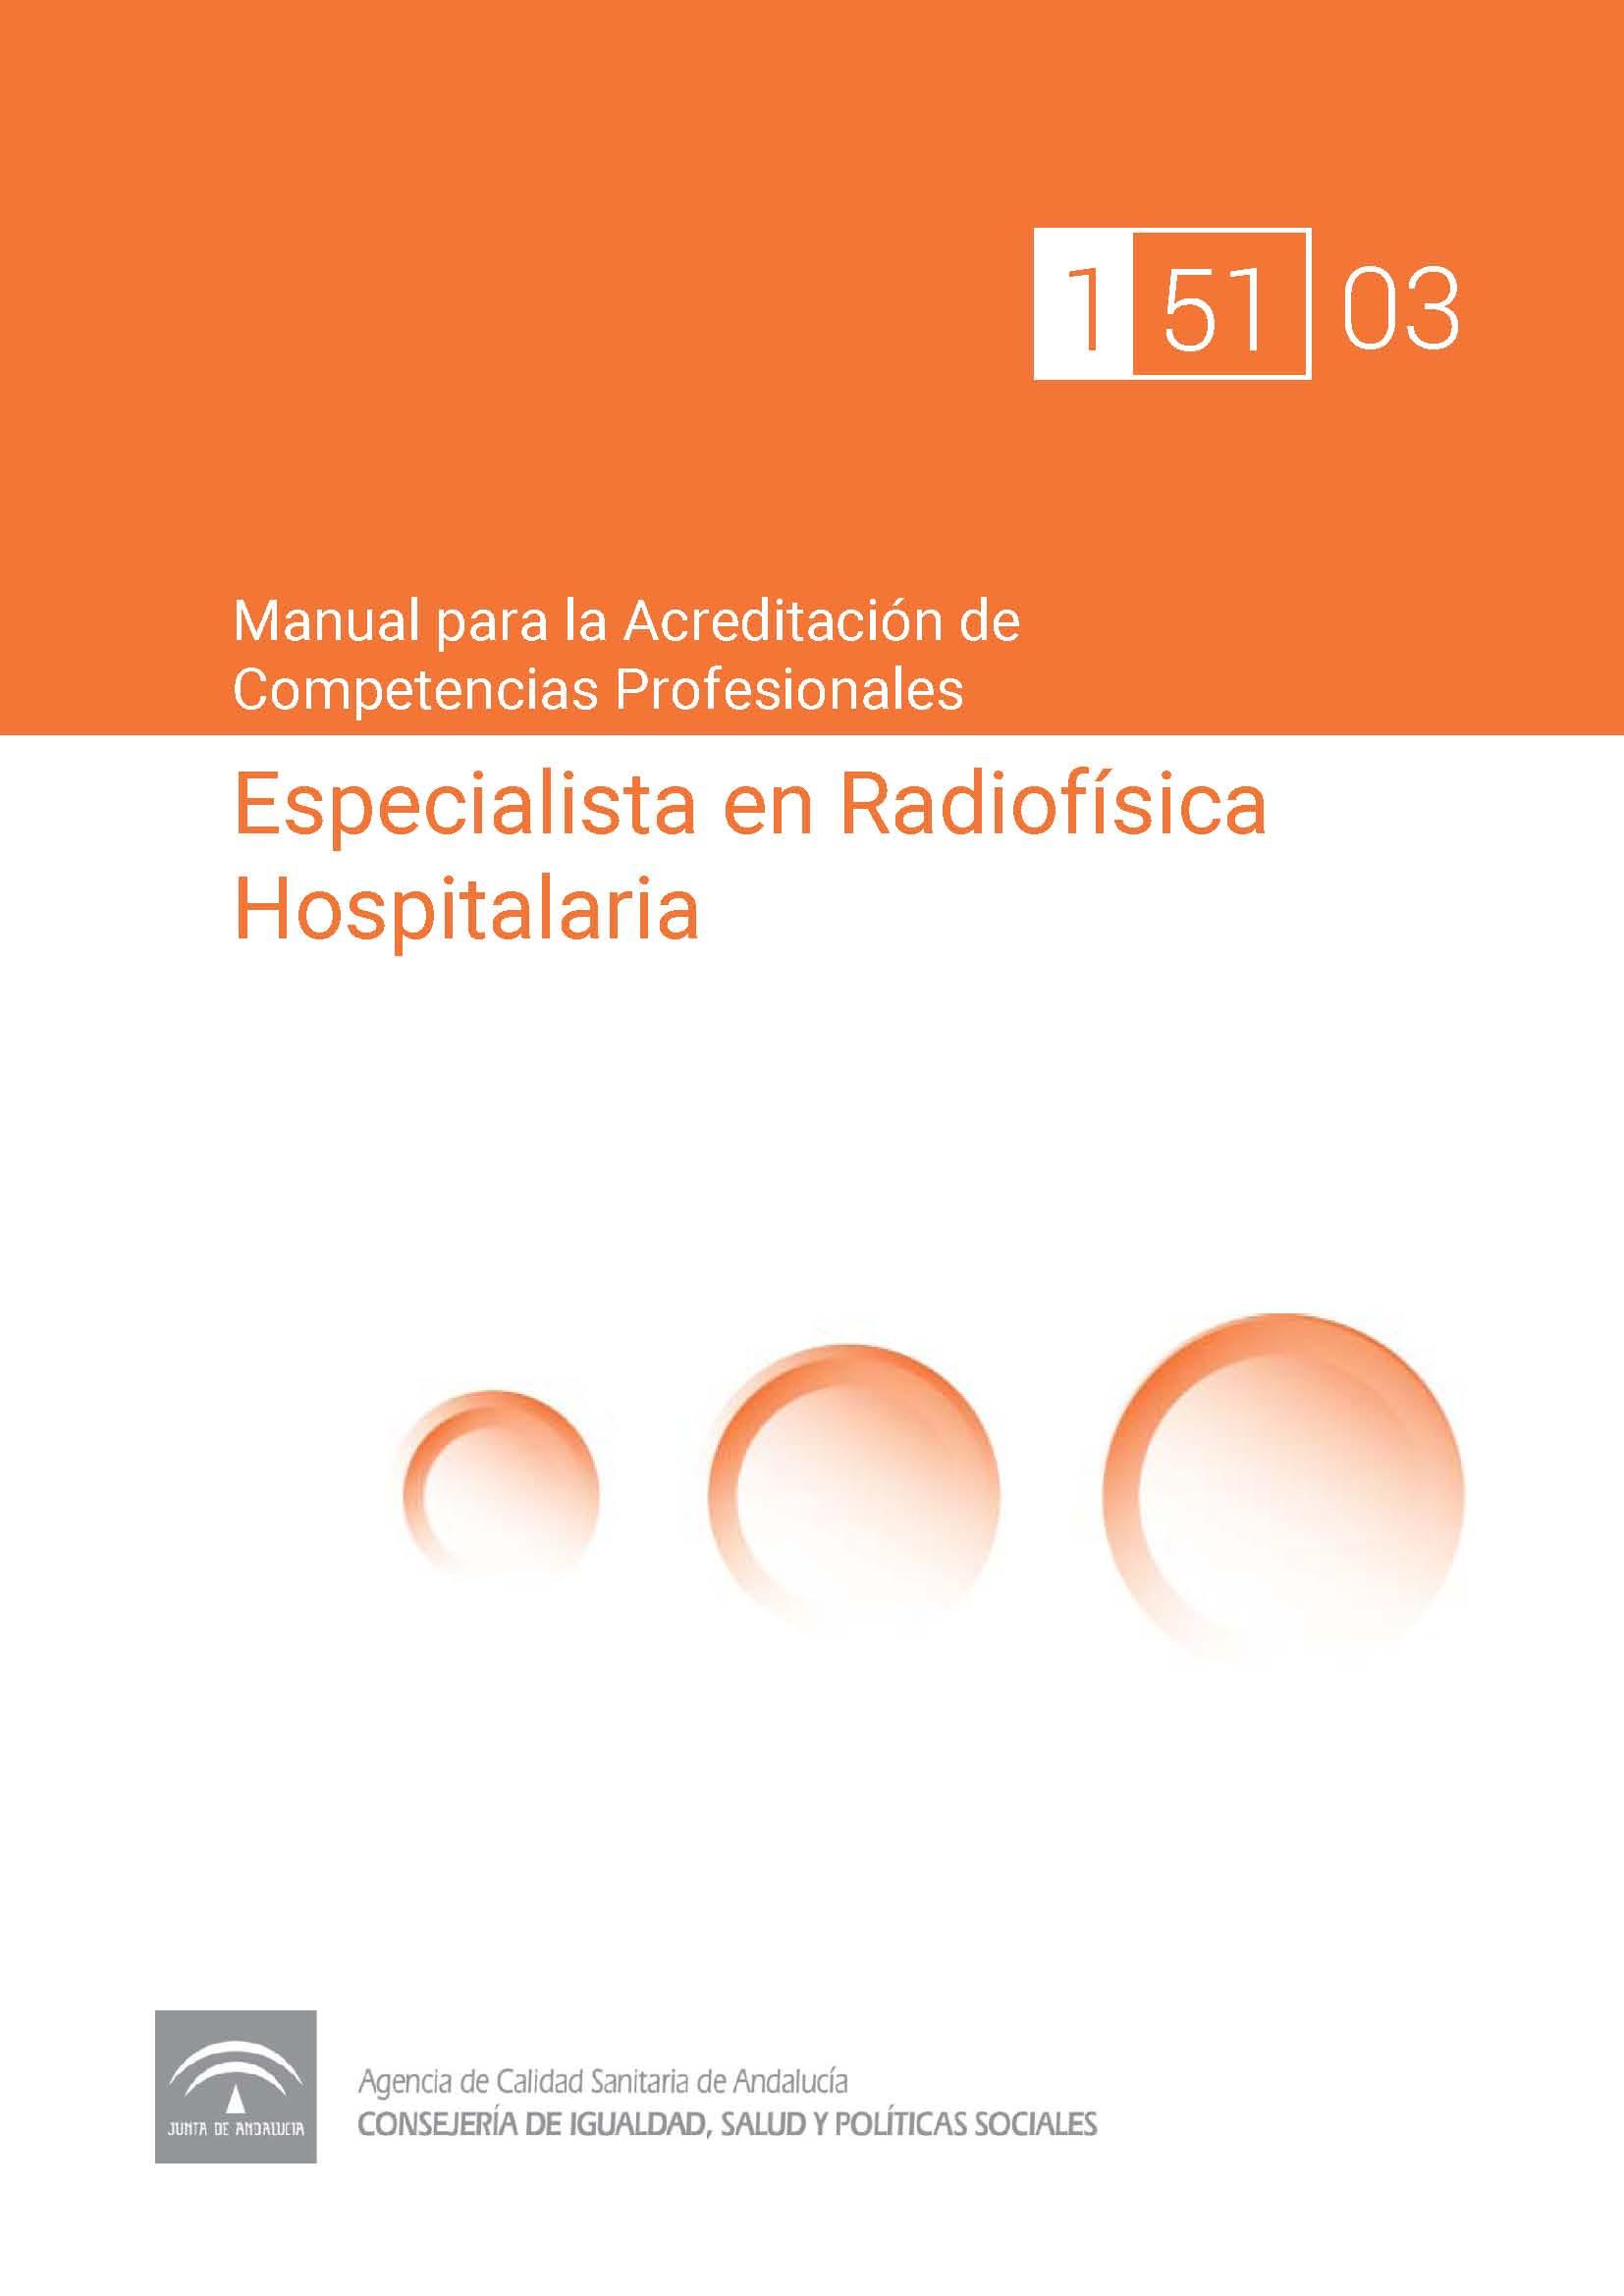 Manual de competencias profesionales del/de la Especialista en Radiofísica Hospitalaria